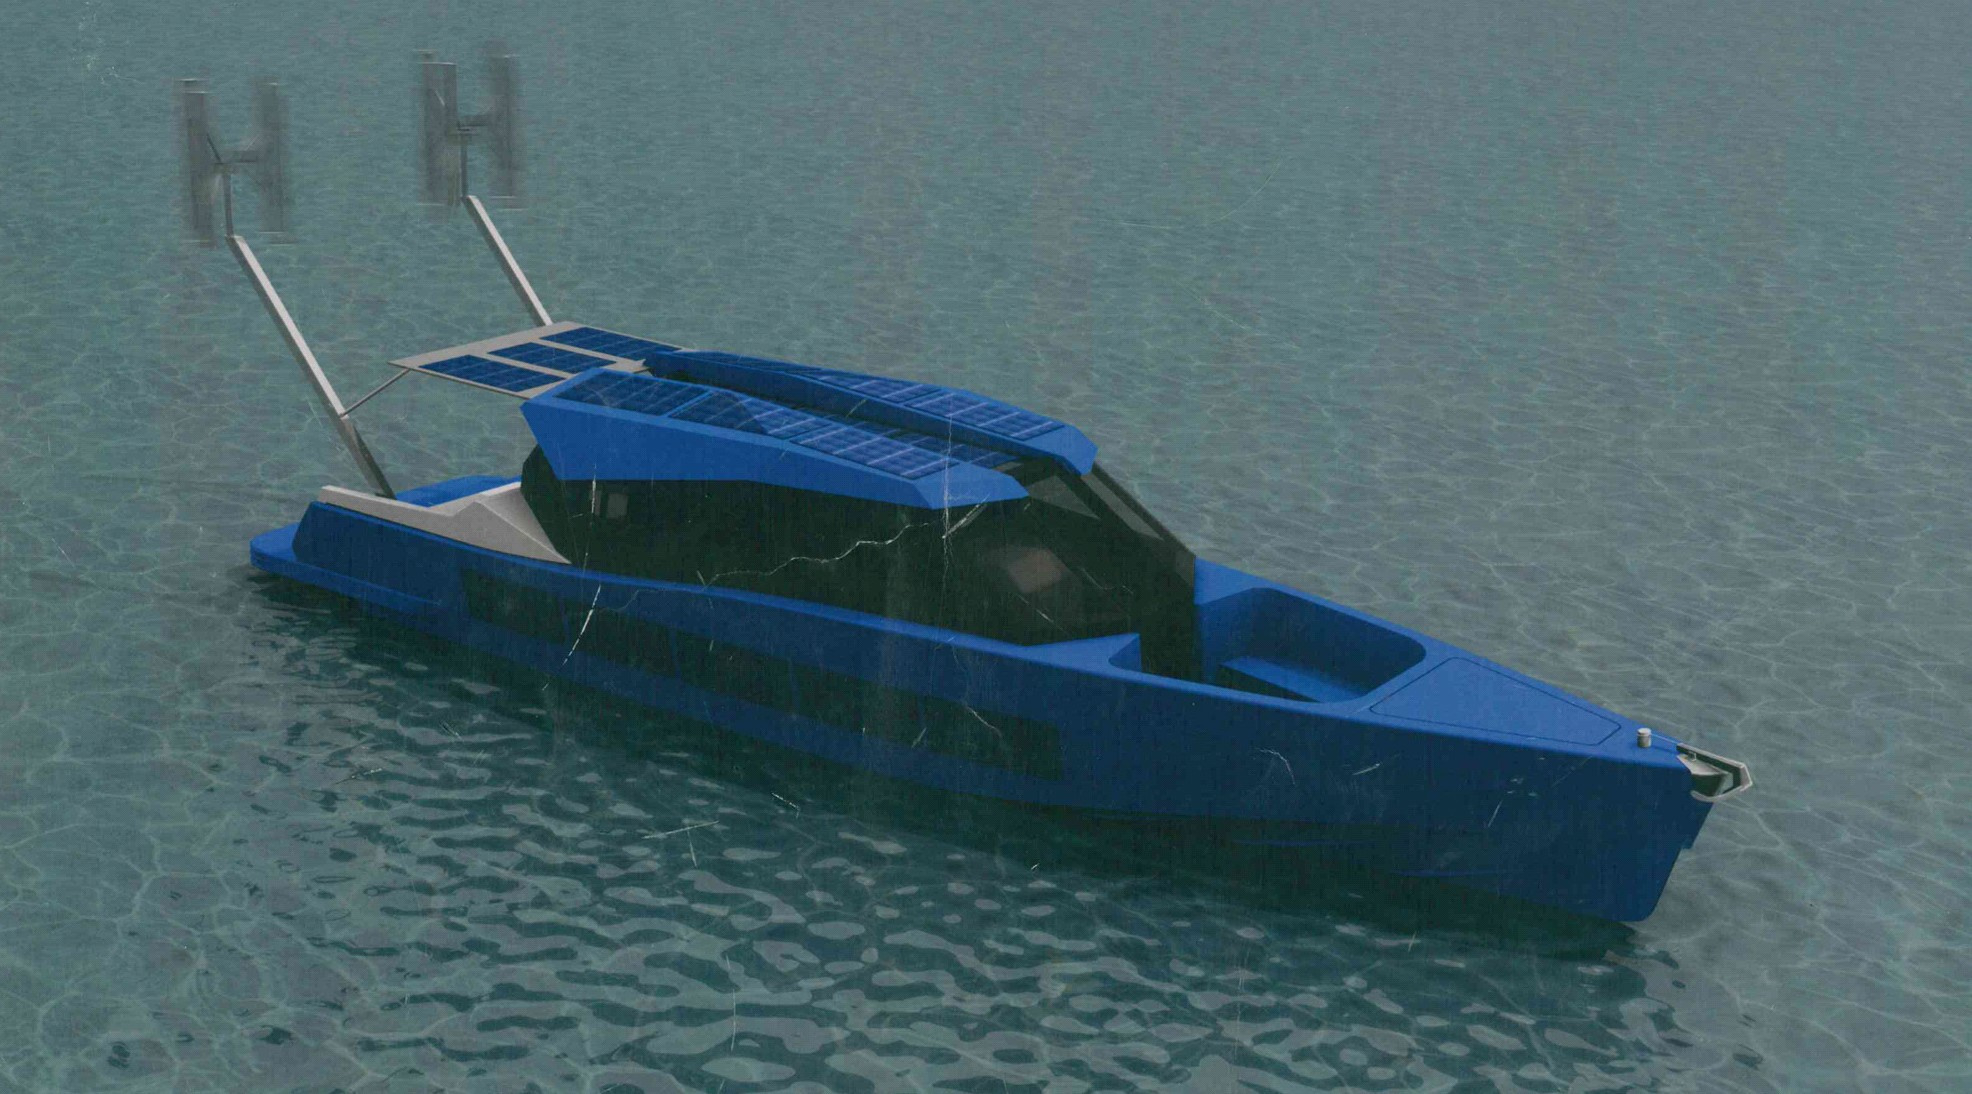 Distrae fondi pubblici per innovazione ecologica e una villa in costa Smeralda, sequestrati beni per 2 milioni e mezzo